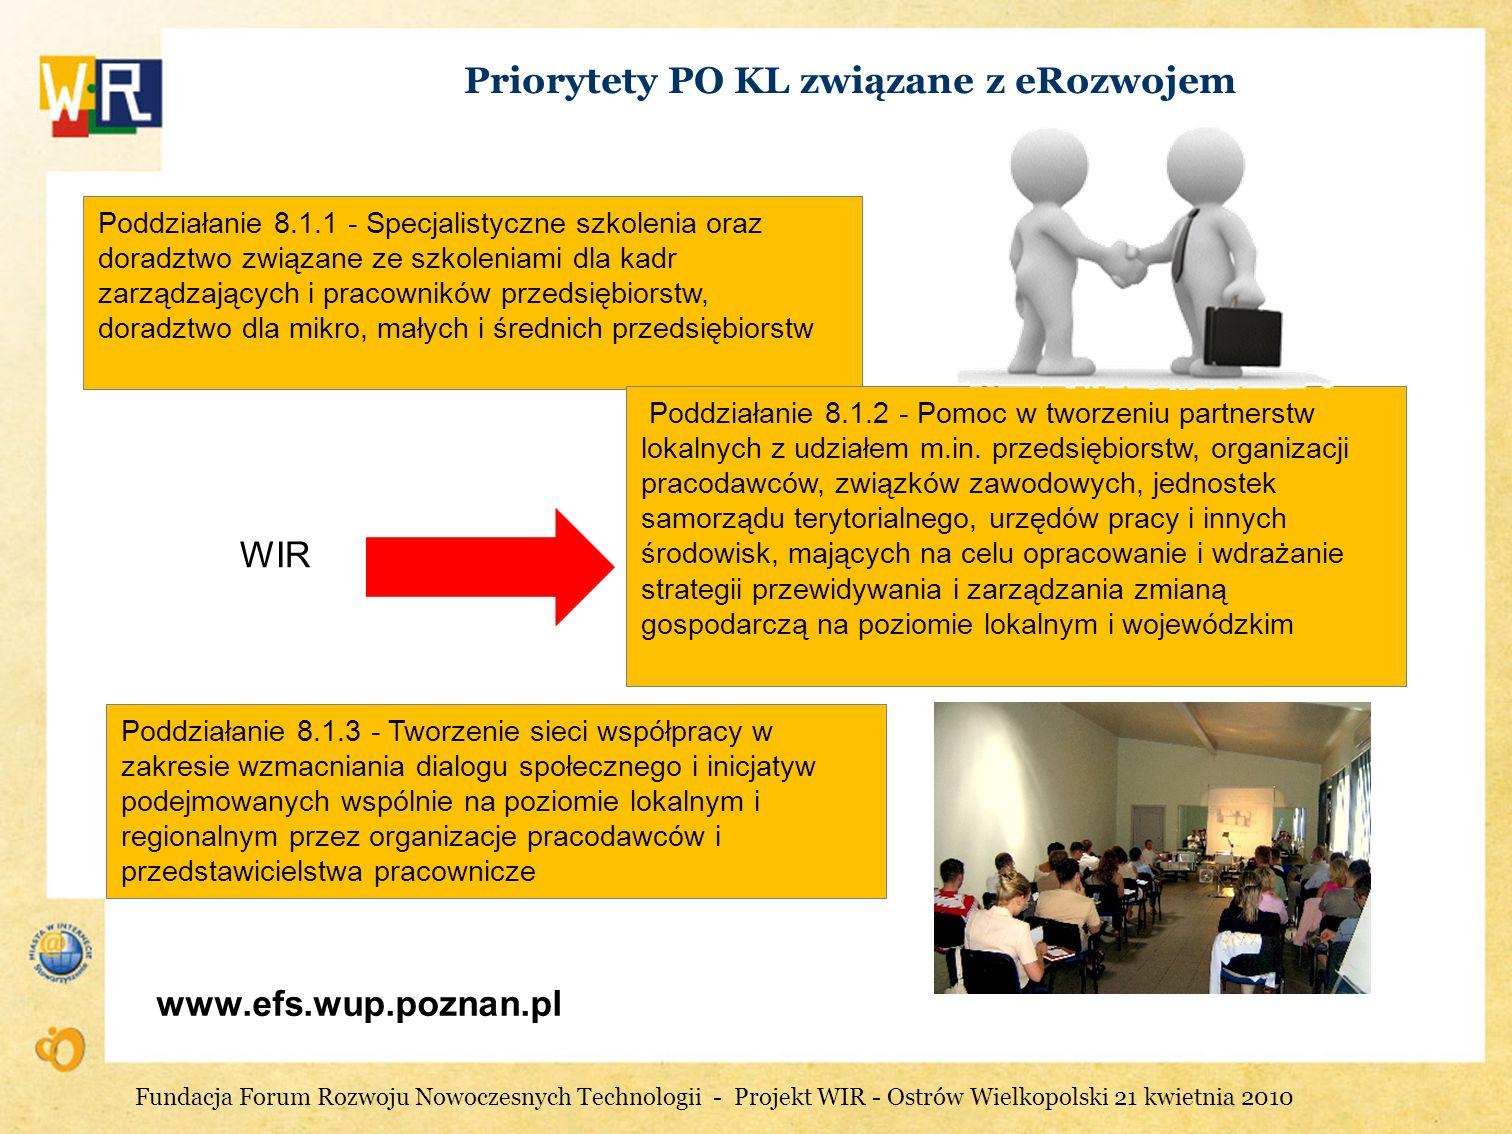 Priorytety PO KL związane z eRozwojem www.efs.wup.poznan.pl Poddziałanie 8.1.1 - Specjalistyczne szkolenia oraz doradztwo związane ze szkoleniami dla